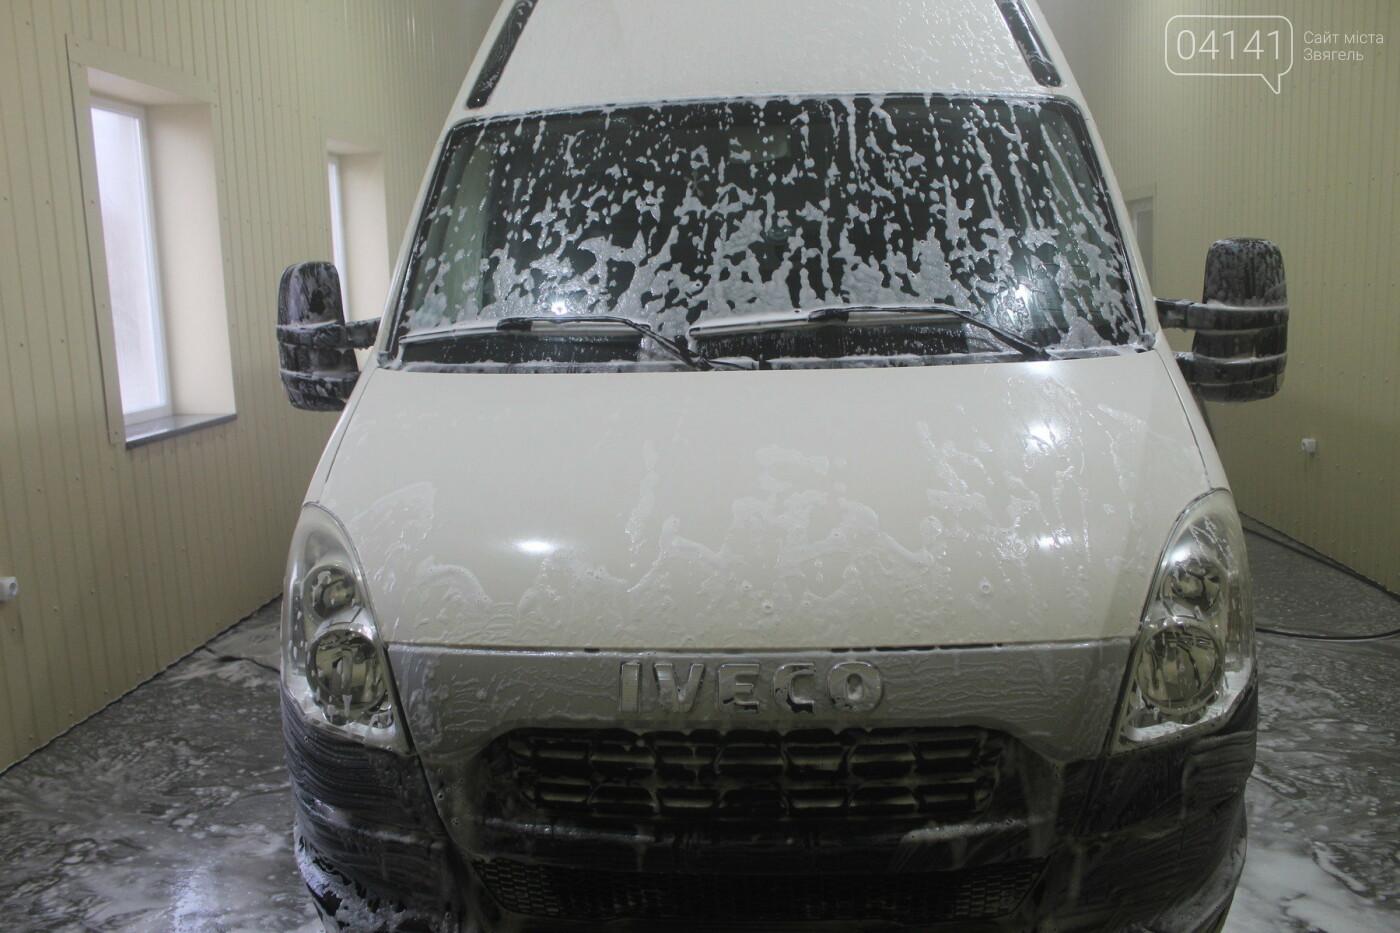 Мийка авто в Новограді-Волинському: Кращий сервіс і висока якість роботи, фото-1